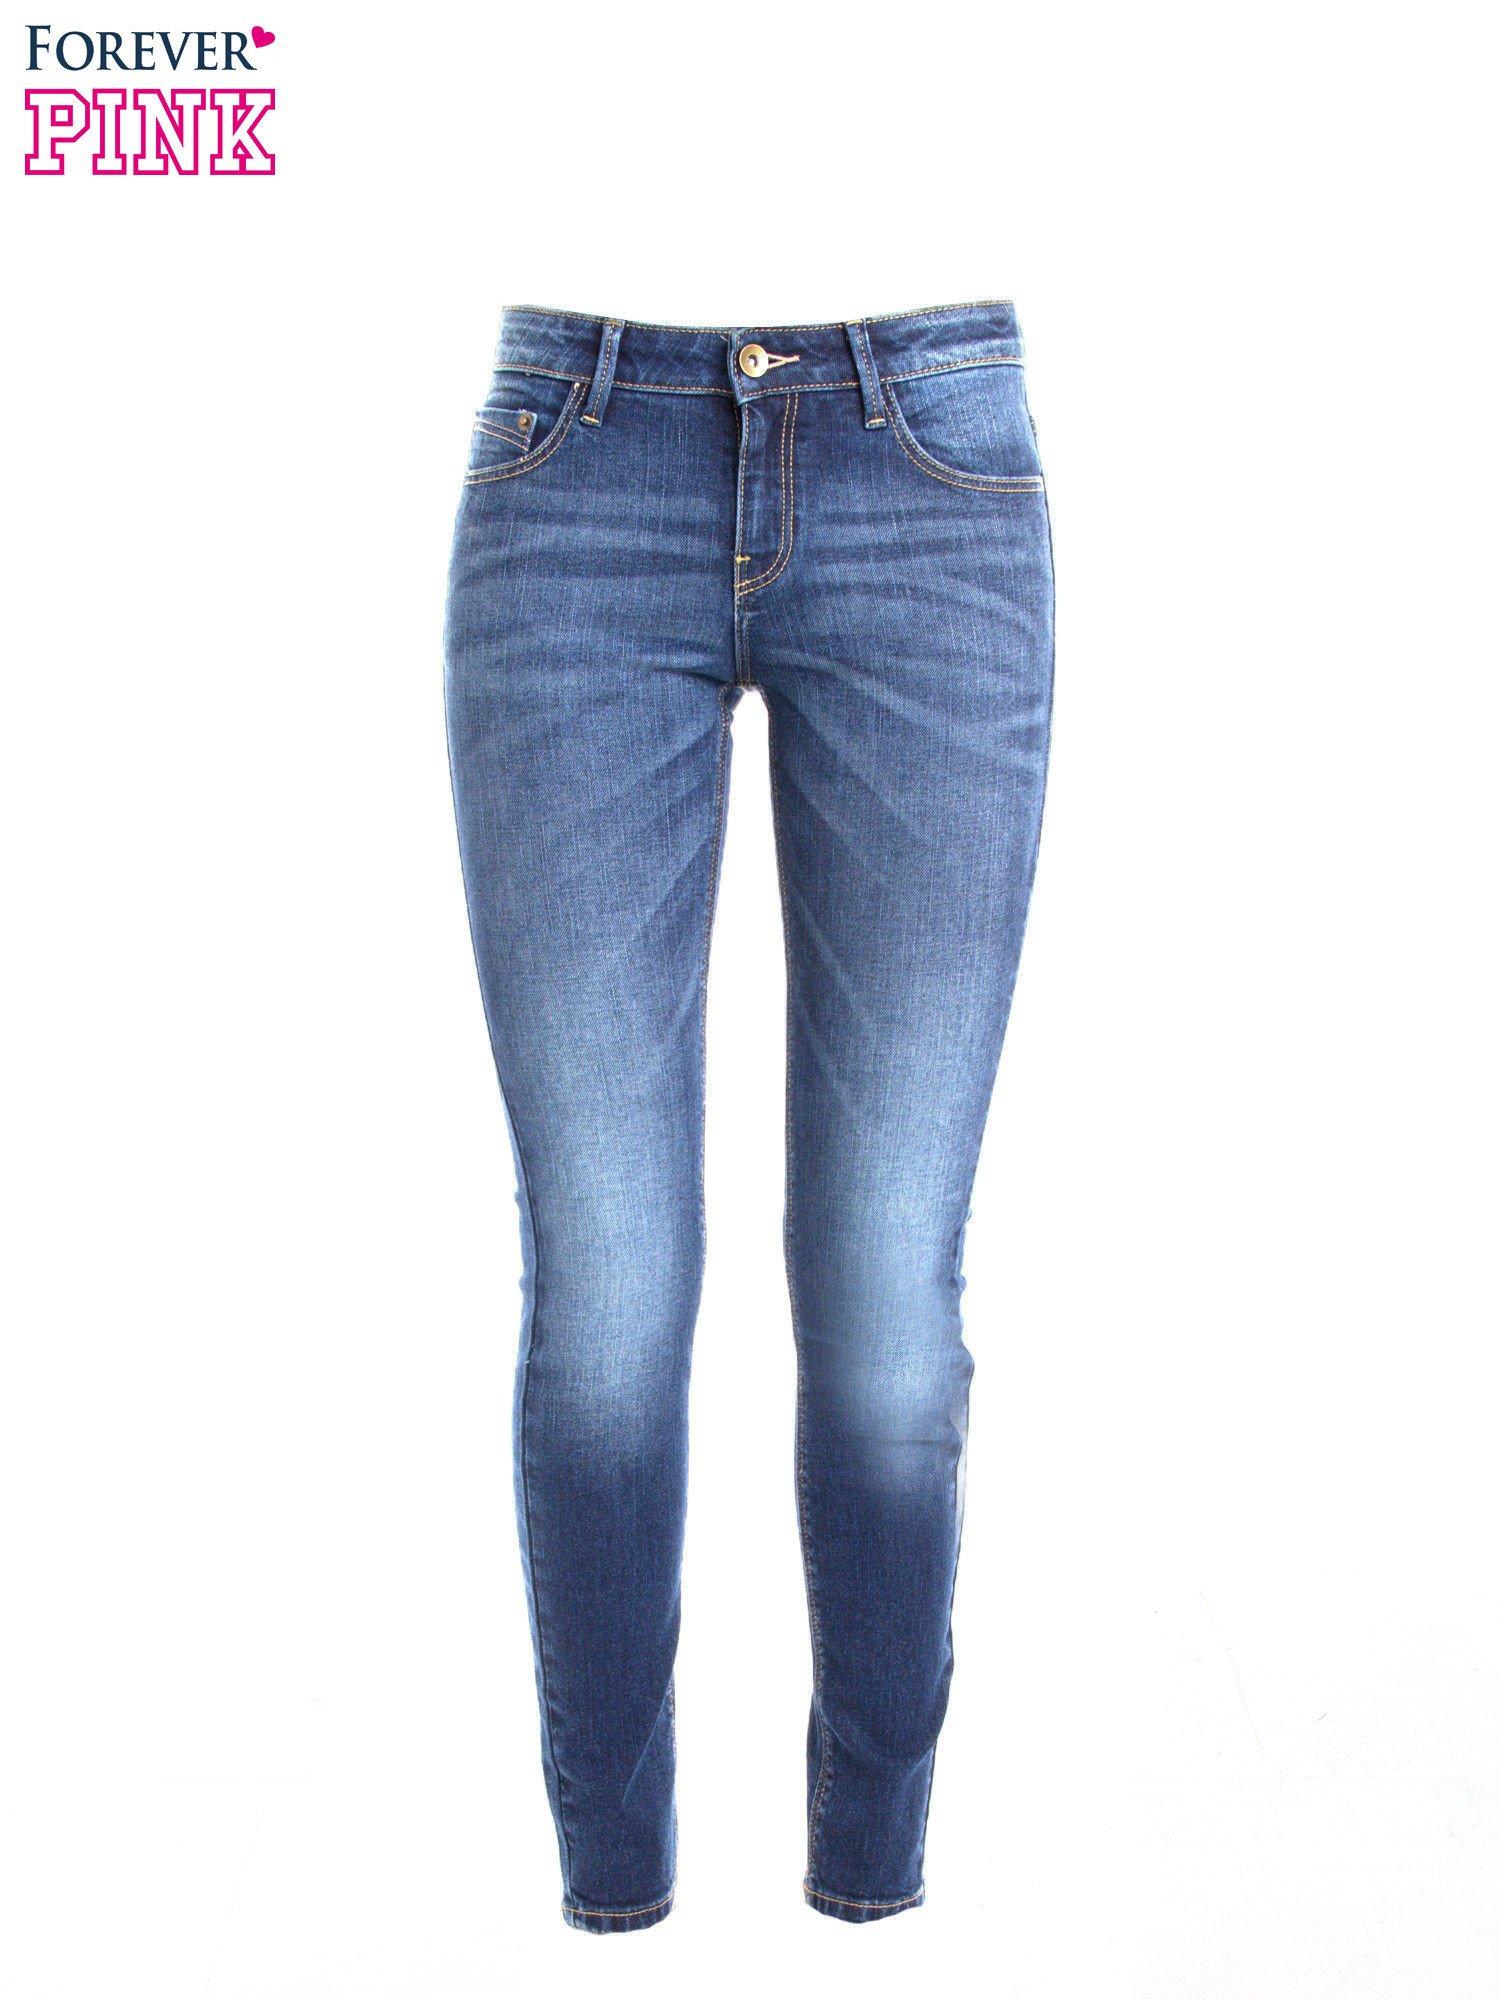 Niebieskie jeansy slim fit                                  zdj.                                  1